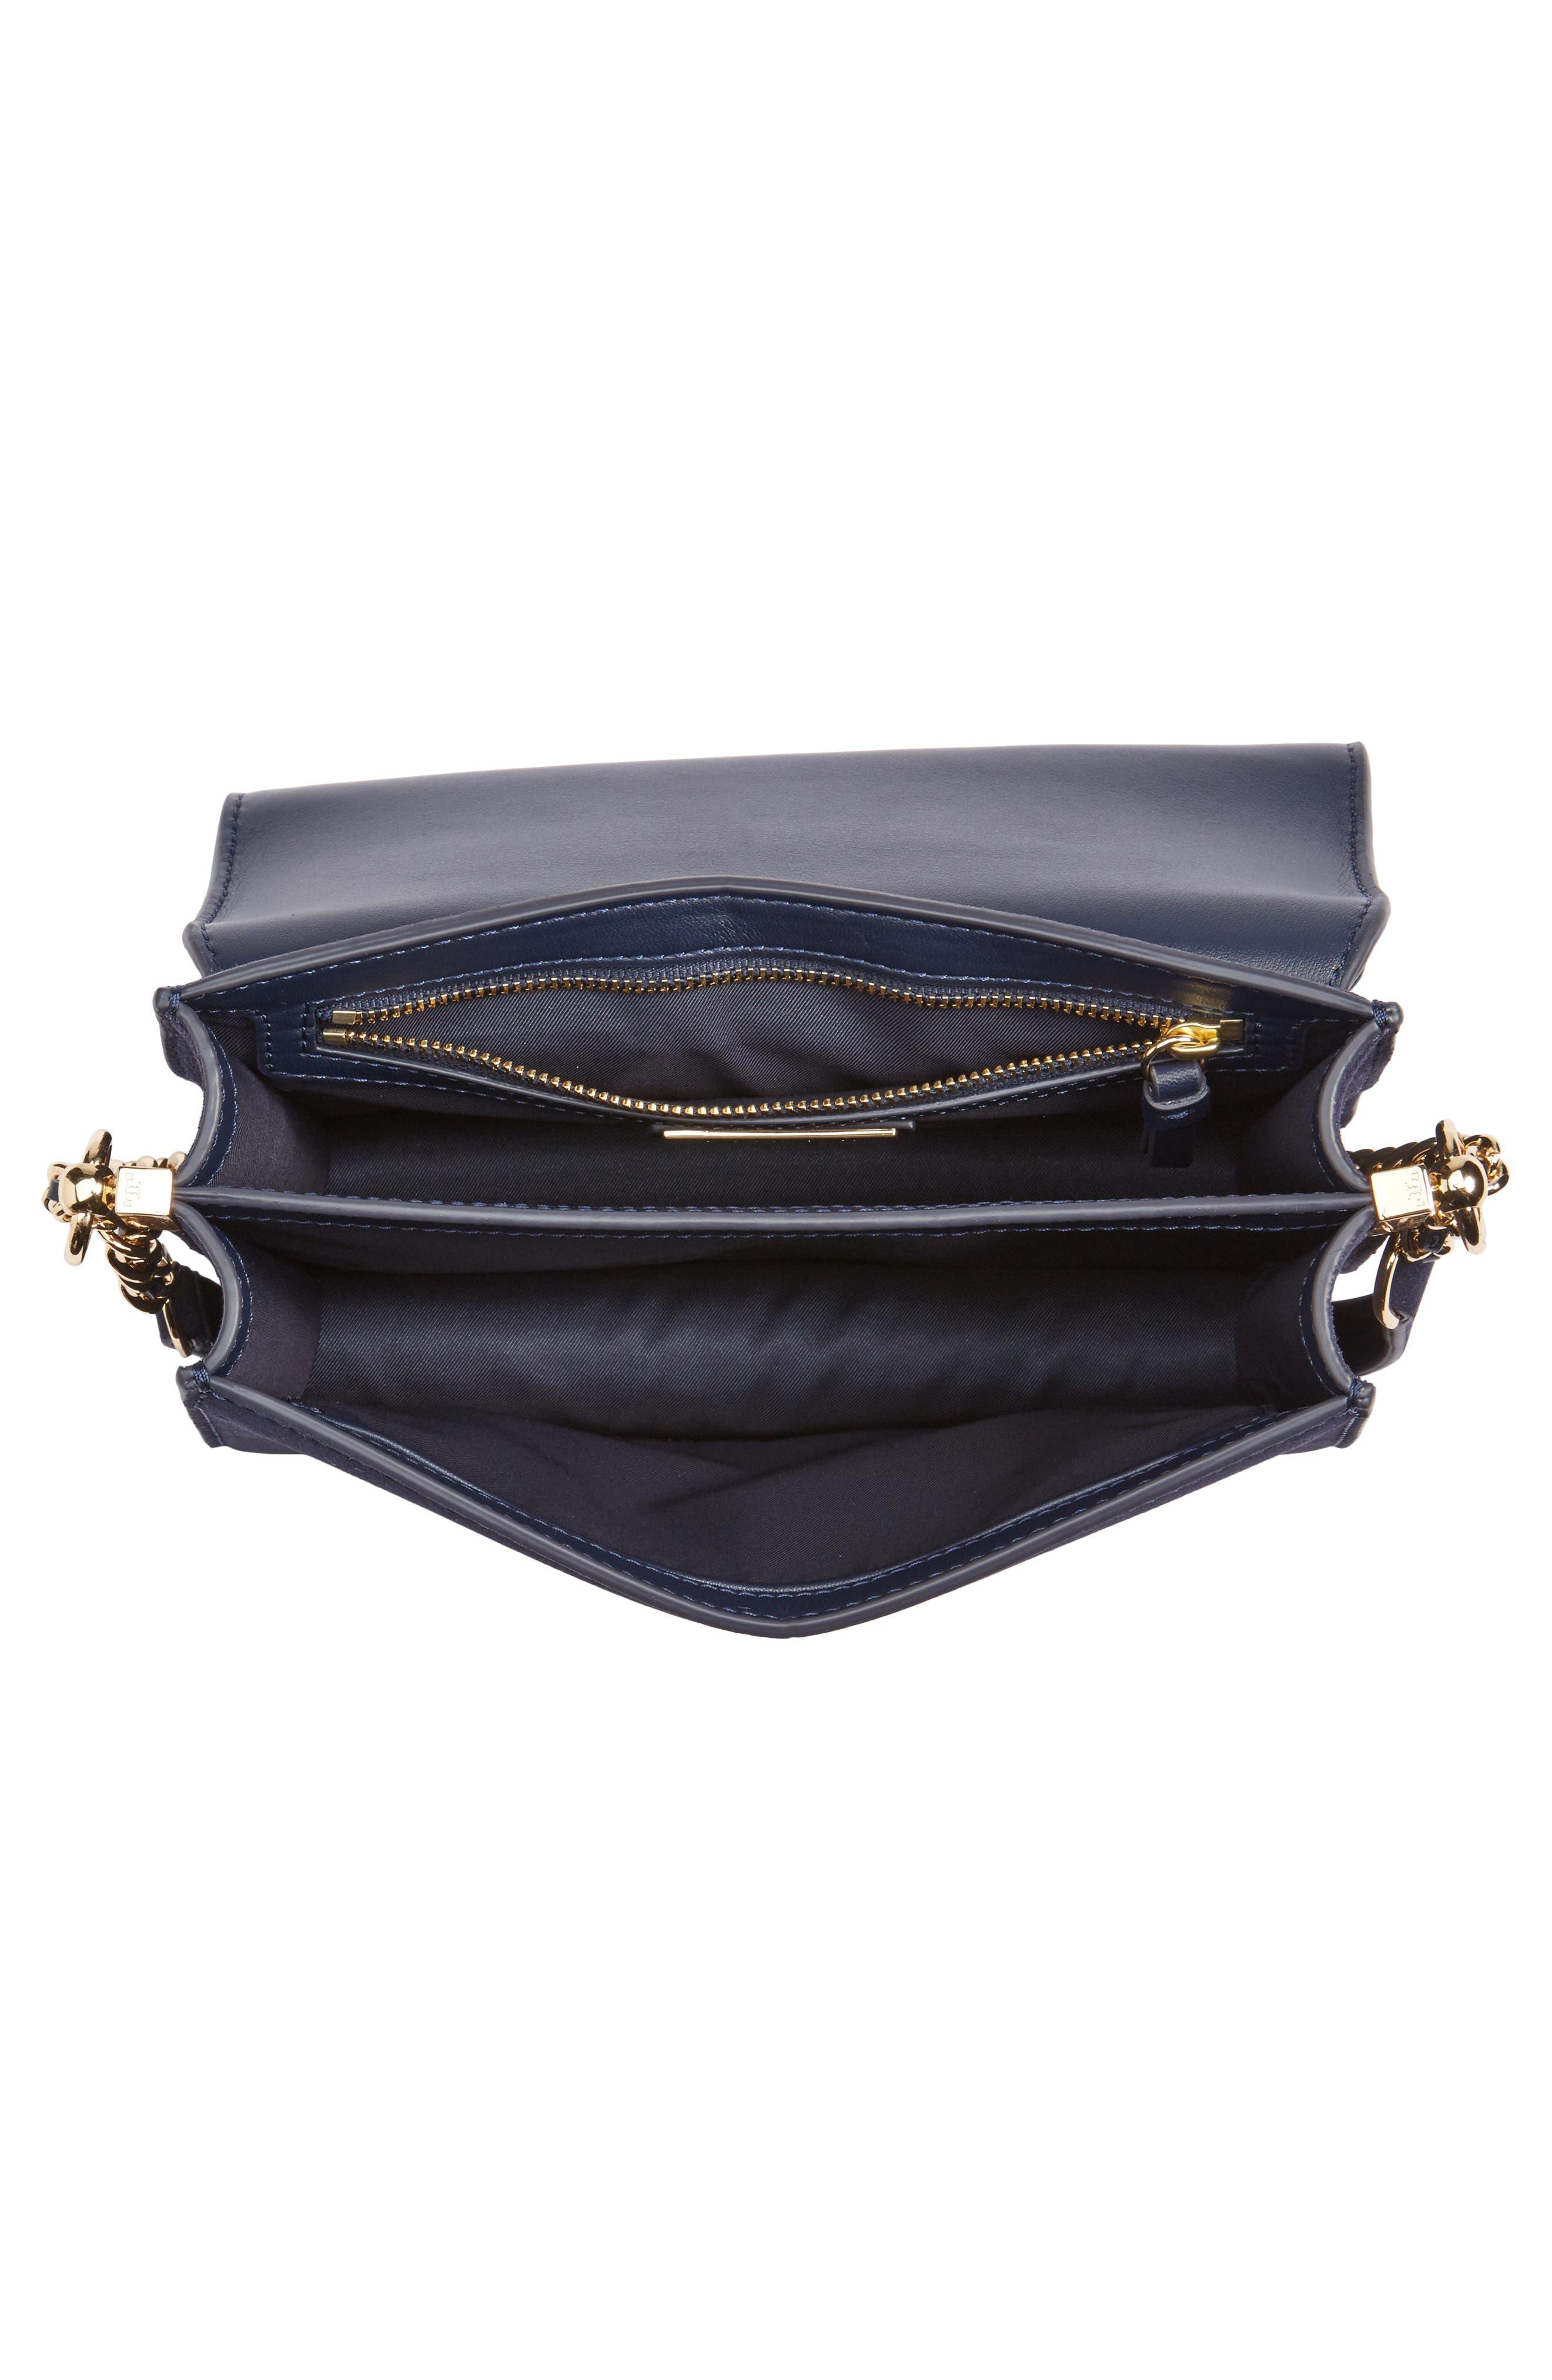 Alternate Image 3  - Tory Burch Parker Flower Embroidered Leather Shoulder/Crossbody Bag